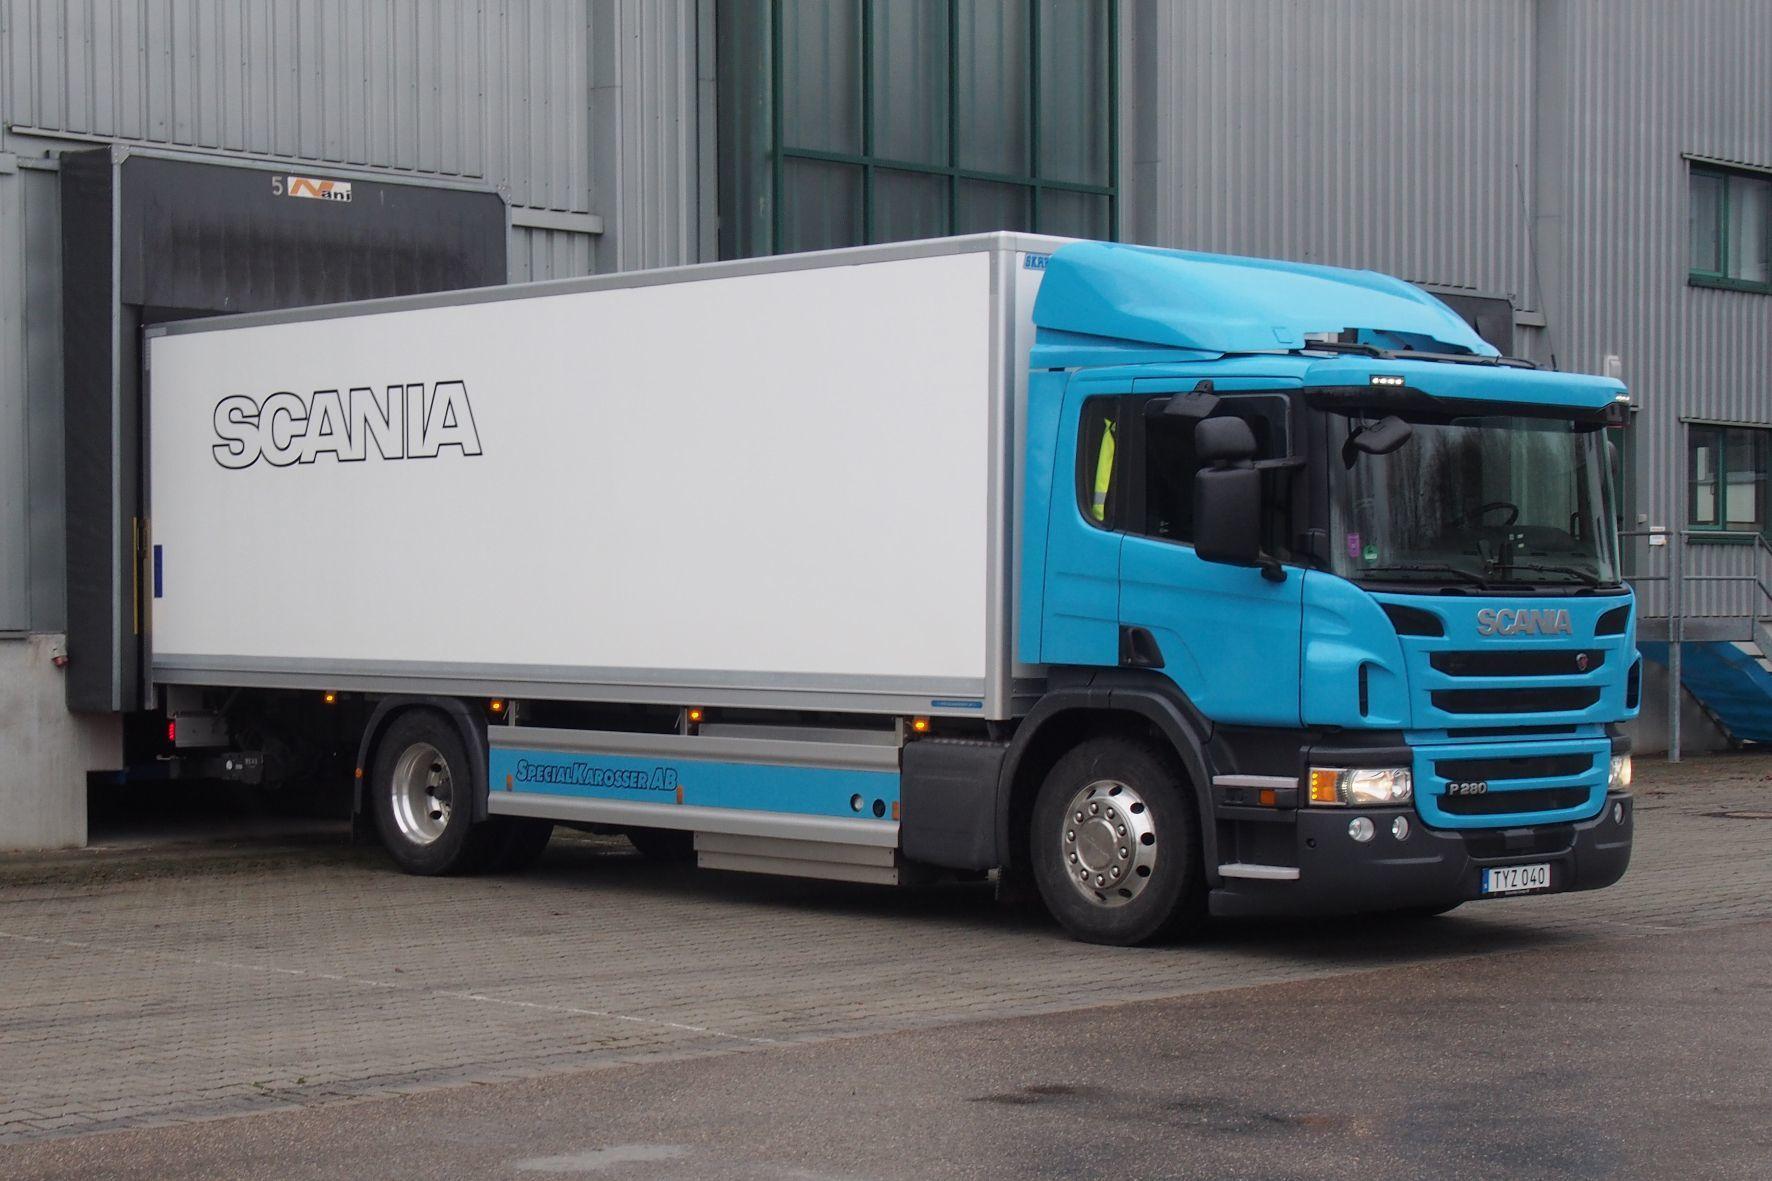 mid Groß-Gerau - Verteiler-Lkw mit langem Aufbau: Der Erdgas-Scania verlangt von seinem Fahrer keine Kompromisse.